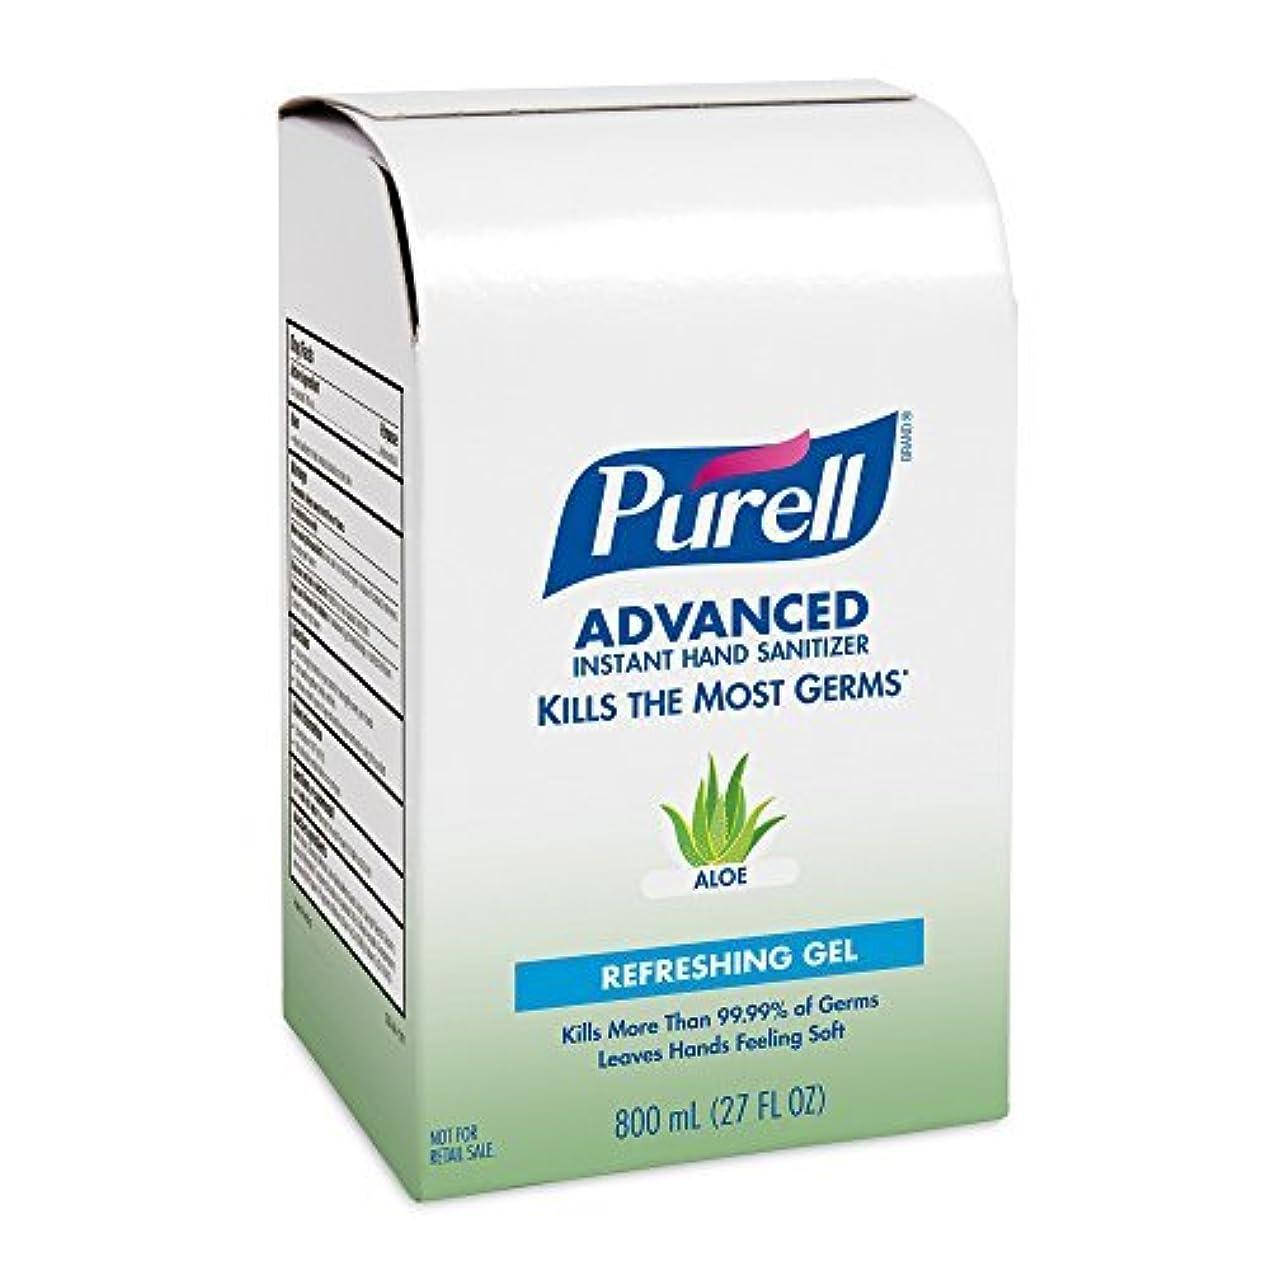 不安定振る舞う信頼性PURELL 9637-12 Advanced Instant Hand Sanitizer with Aloe 800 mL Refill (Pack of 12) [並行輸入品]